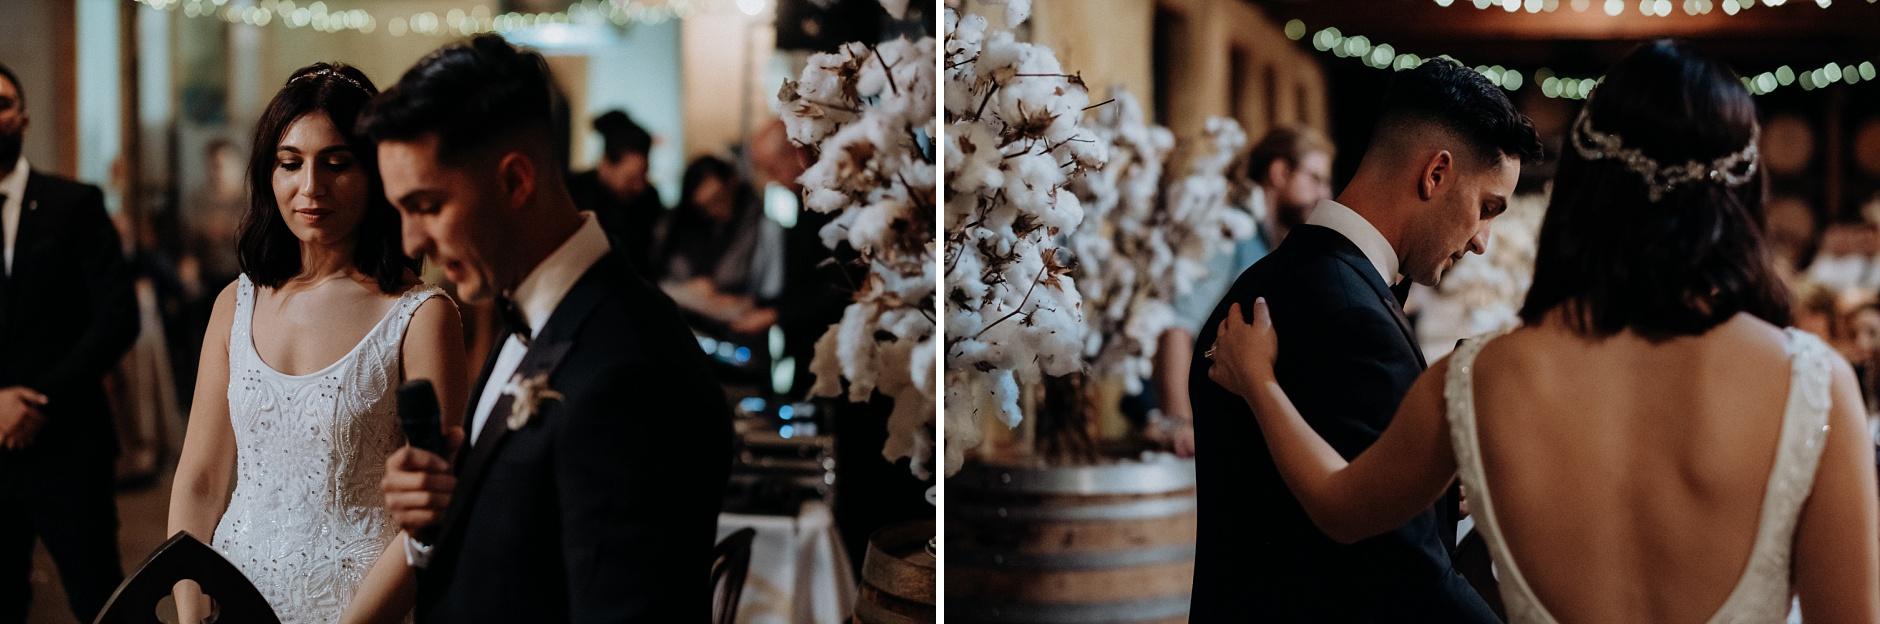 cassandra&cameron0993a_Peppers-Creek-Wedding.jpg